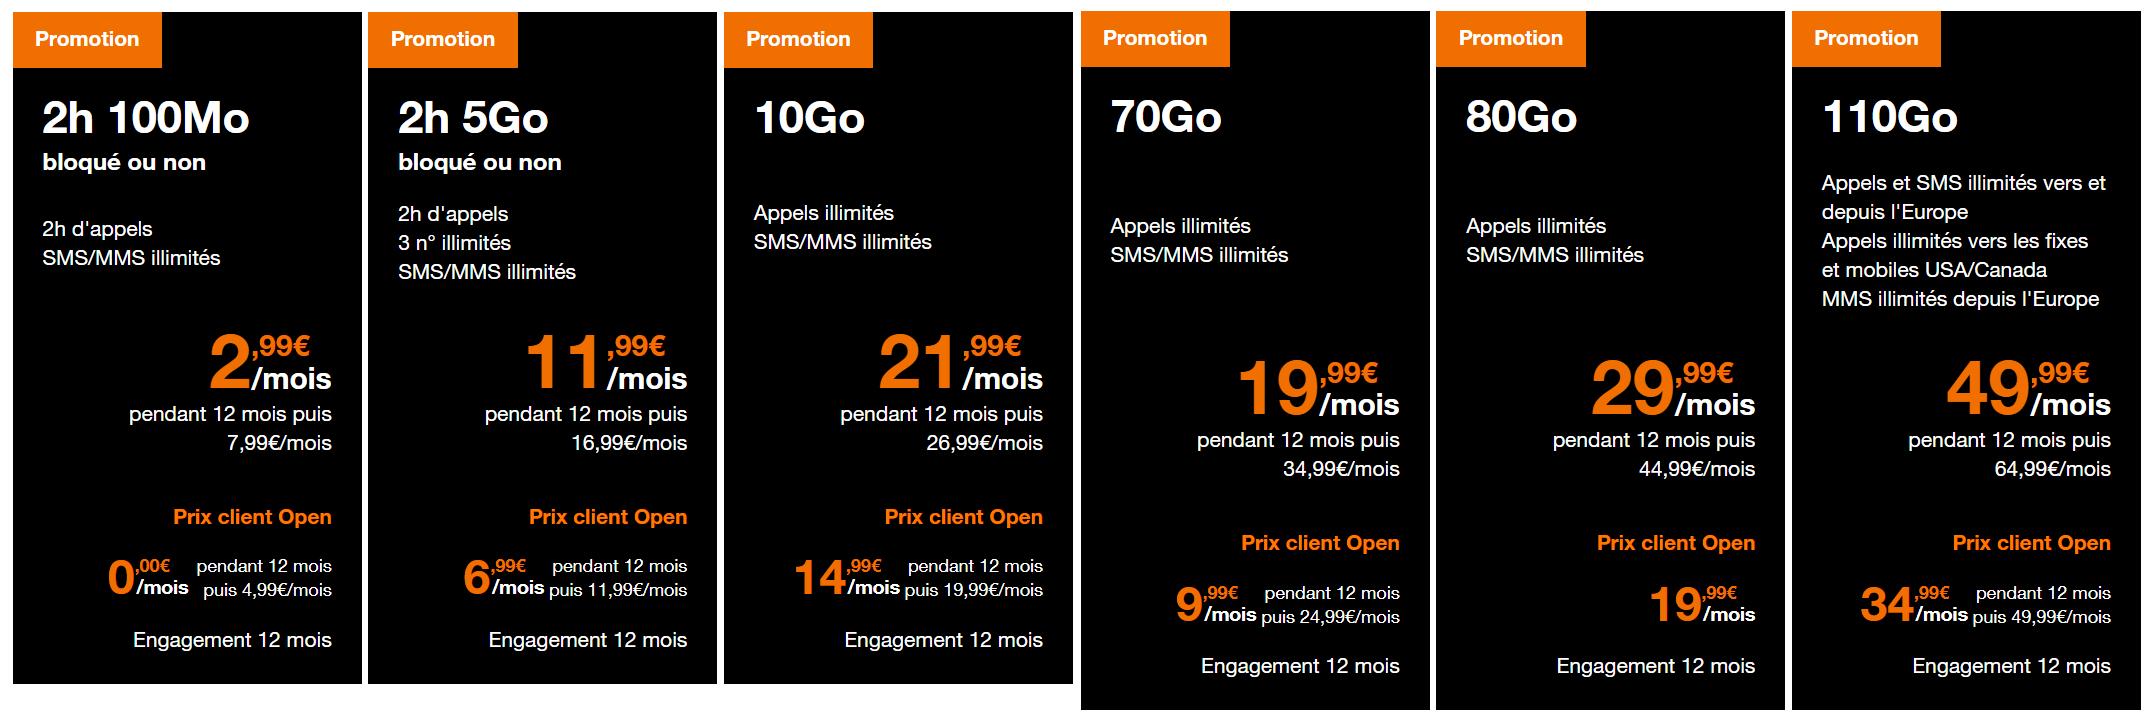 La gamme de forfaits mobile Orange 2020